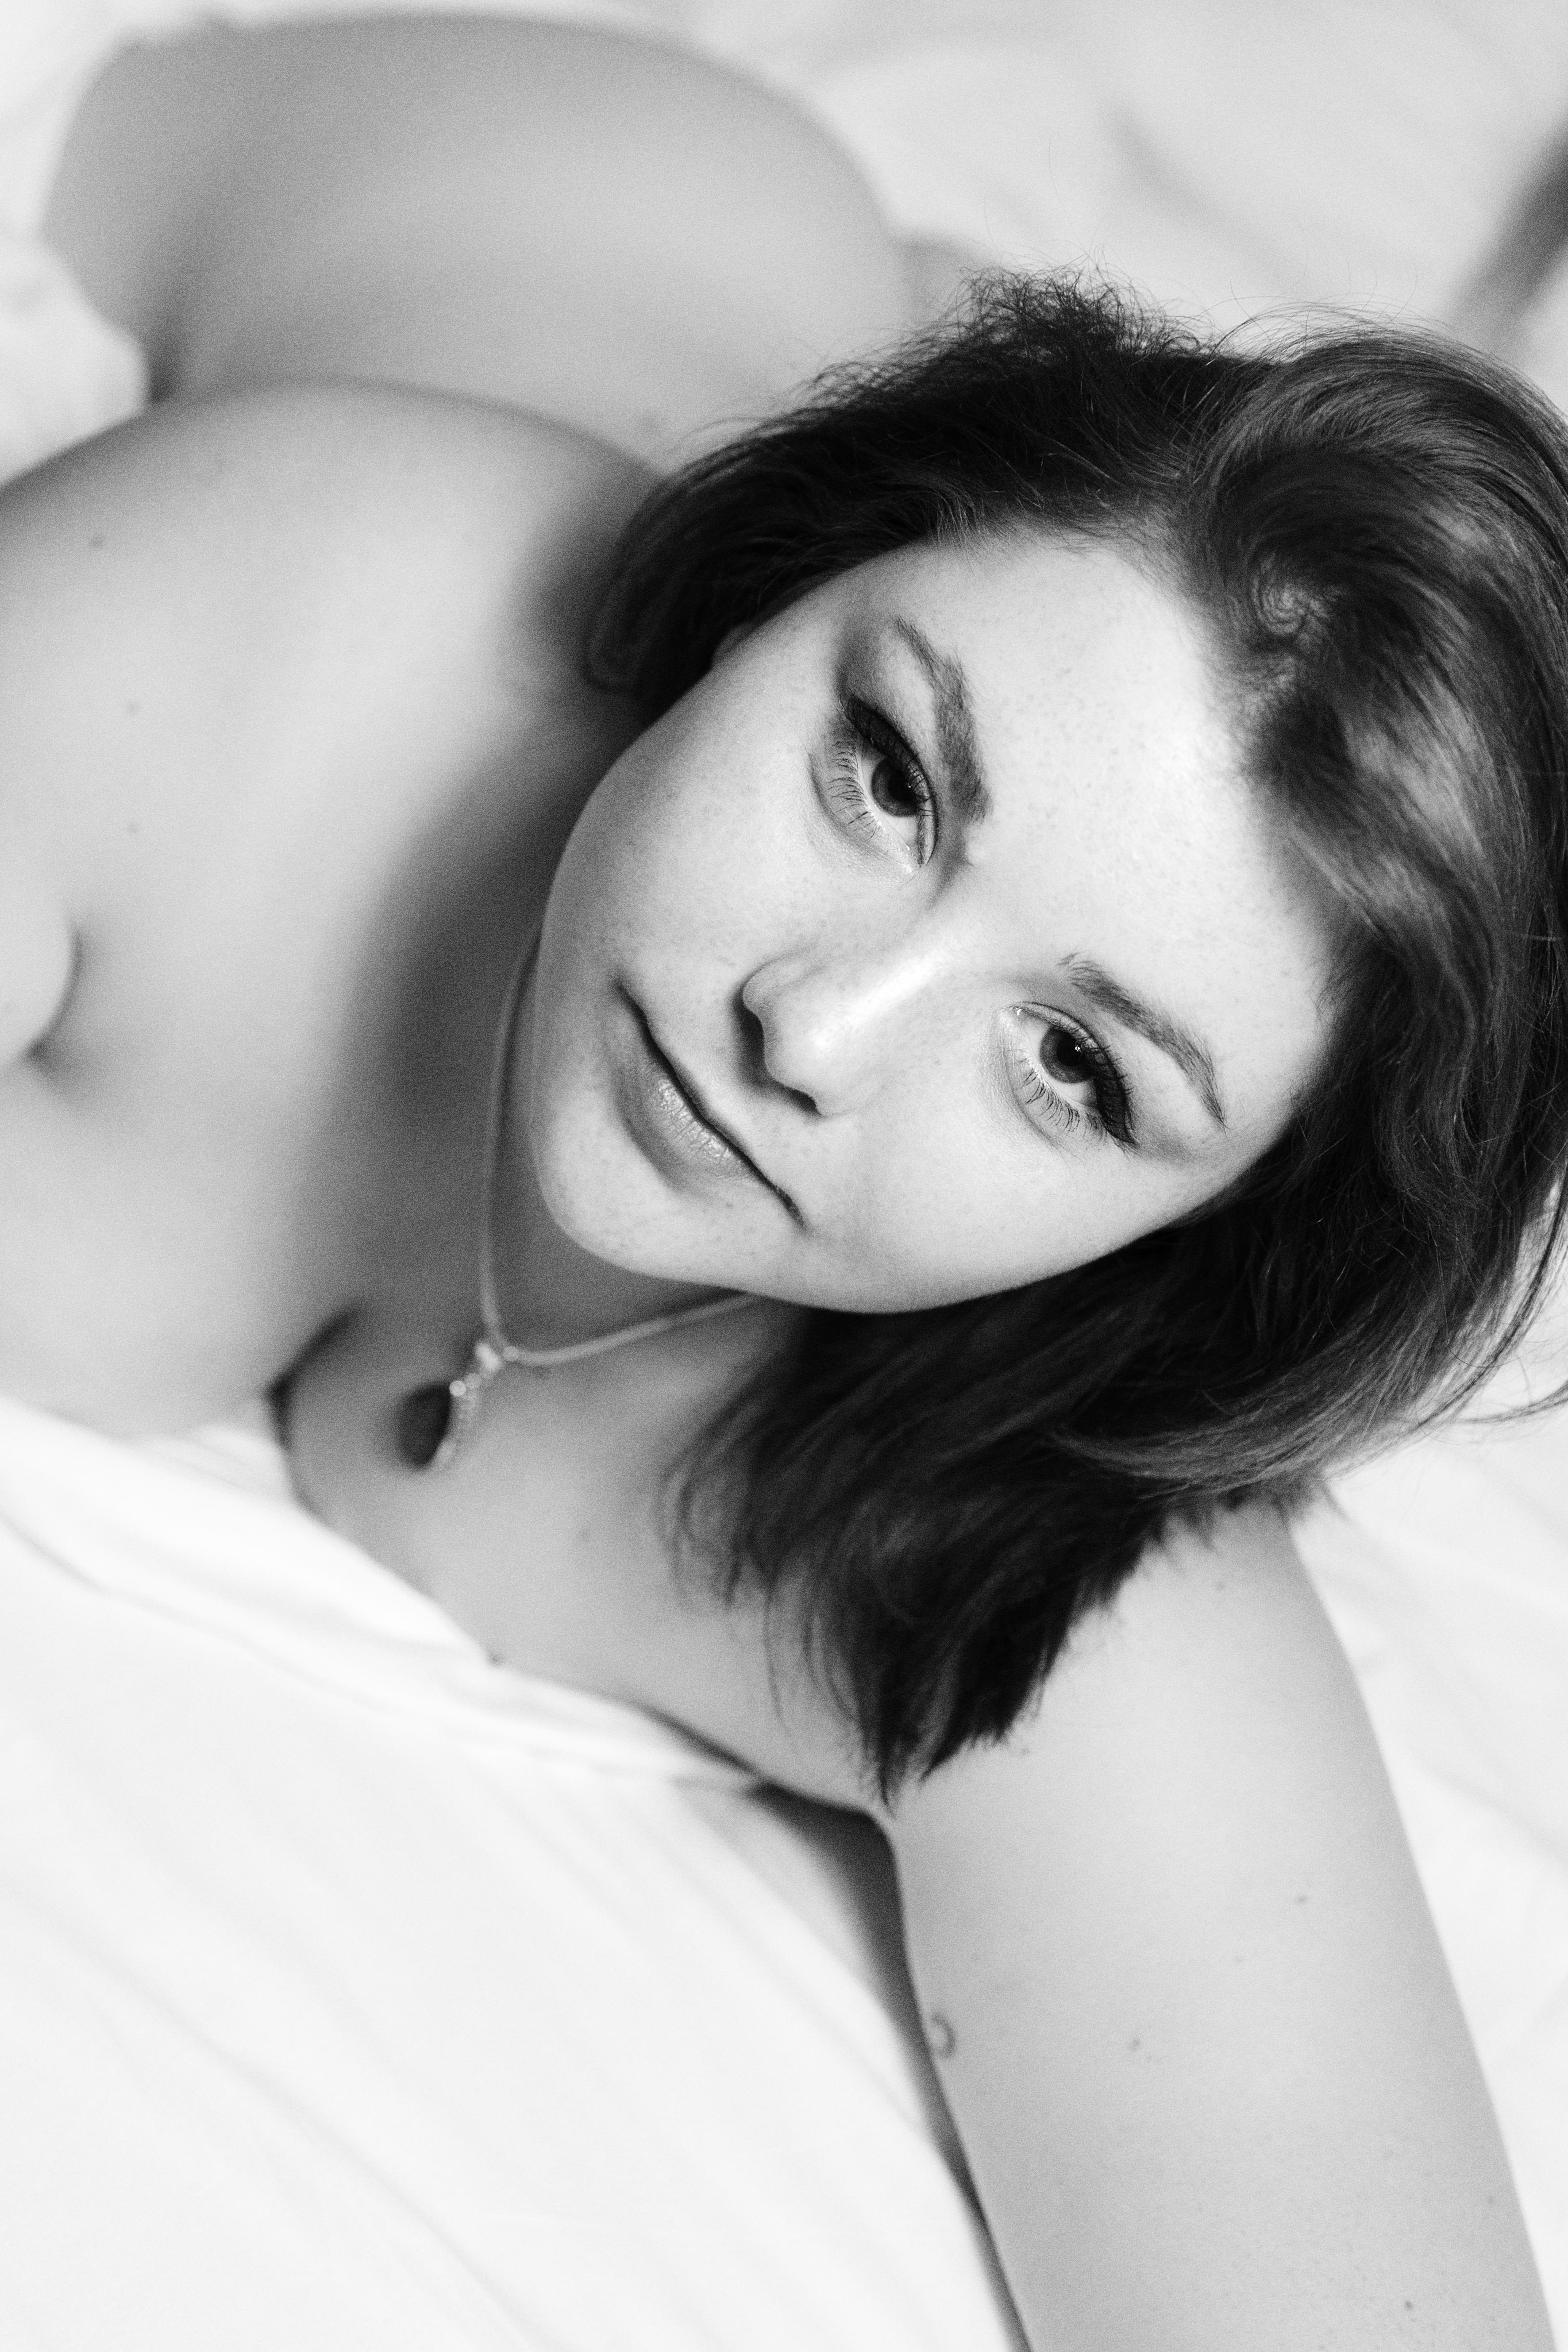 augustinphotographies-NB-portrait-lingerie-nue-sensalité-pellicule